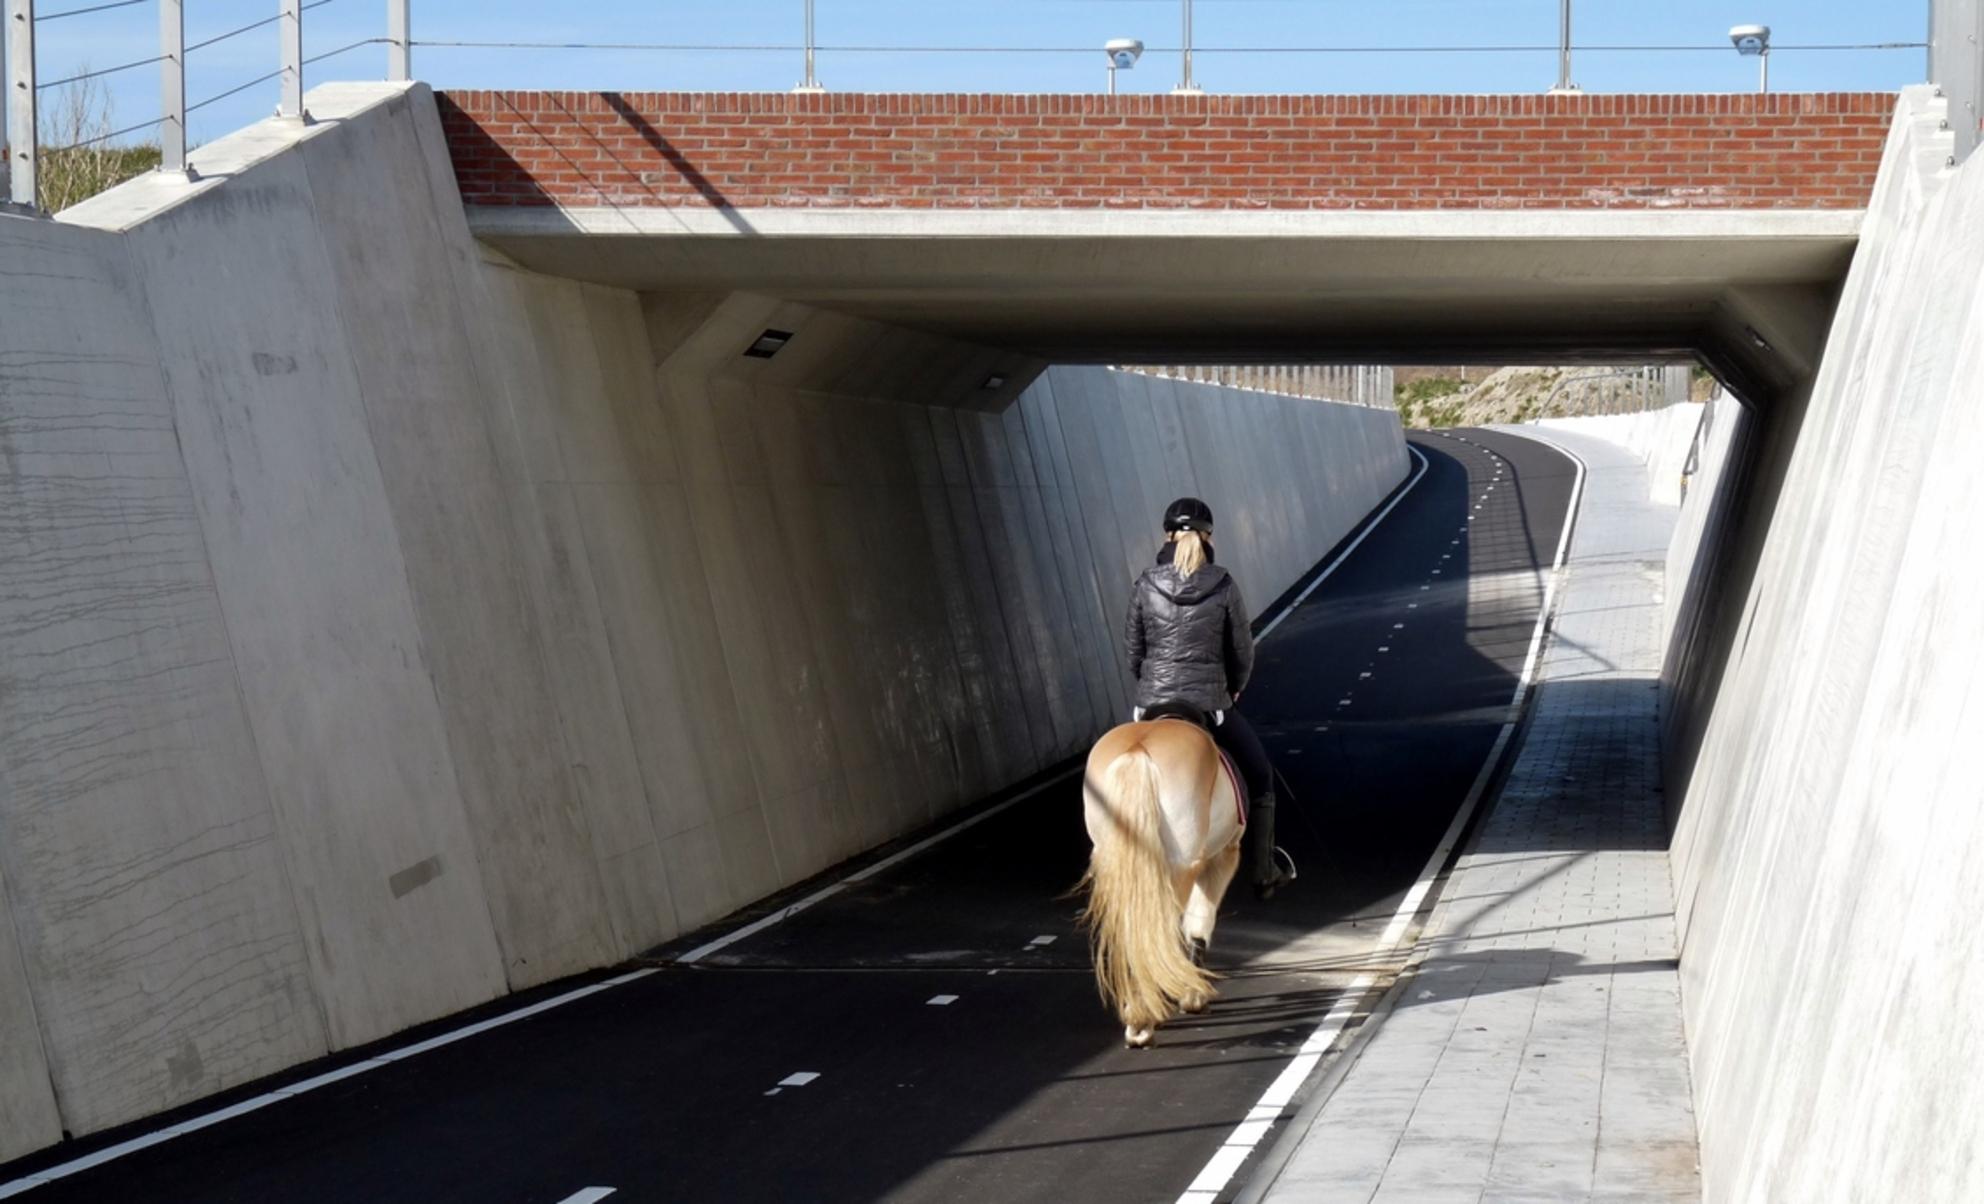 P1370810 Vlotwateringgebied nr20 28 feb 2016 - Hallo Zoomers . GROOT kijken en even lezen . Voor wij weer opstappen  om het laatste stukje te verkennen bij het Vlotwatering gebied laat ik eerst ev - foto door jmdries op 02-11-2016 - deze foto bevat: paard, architectuur, kust, polder, fietstunnel